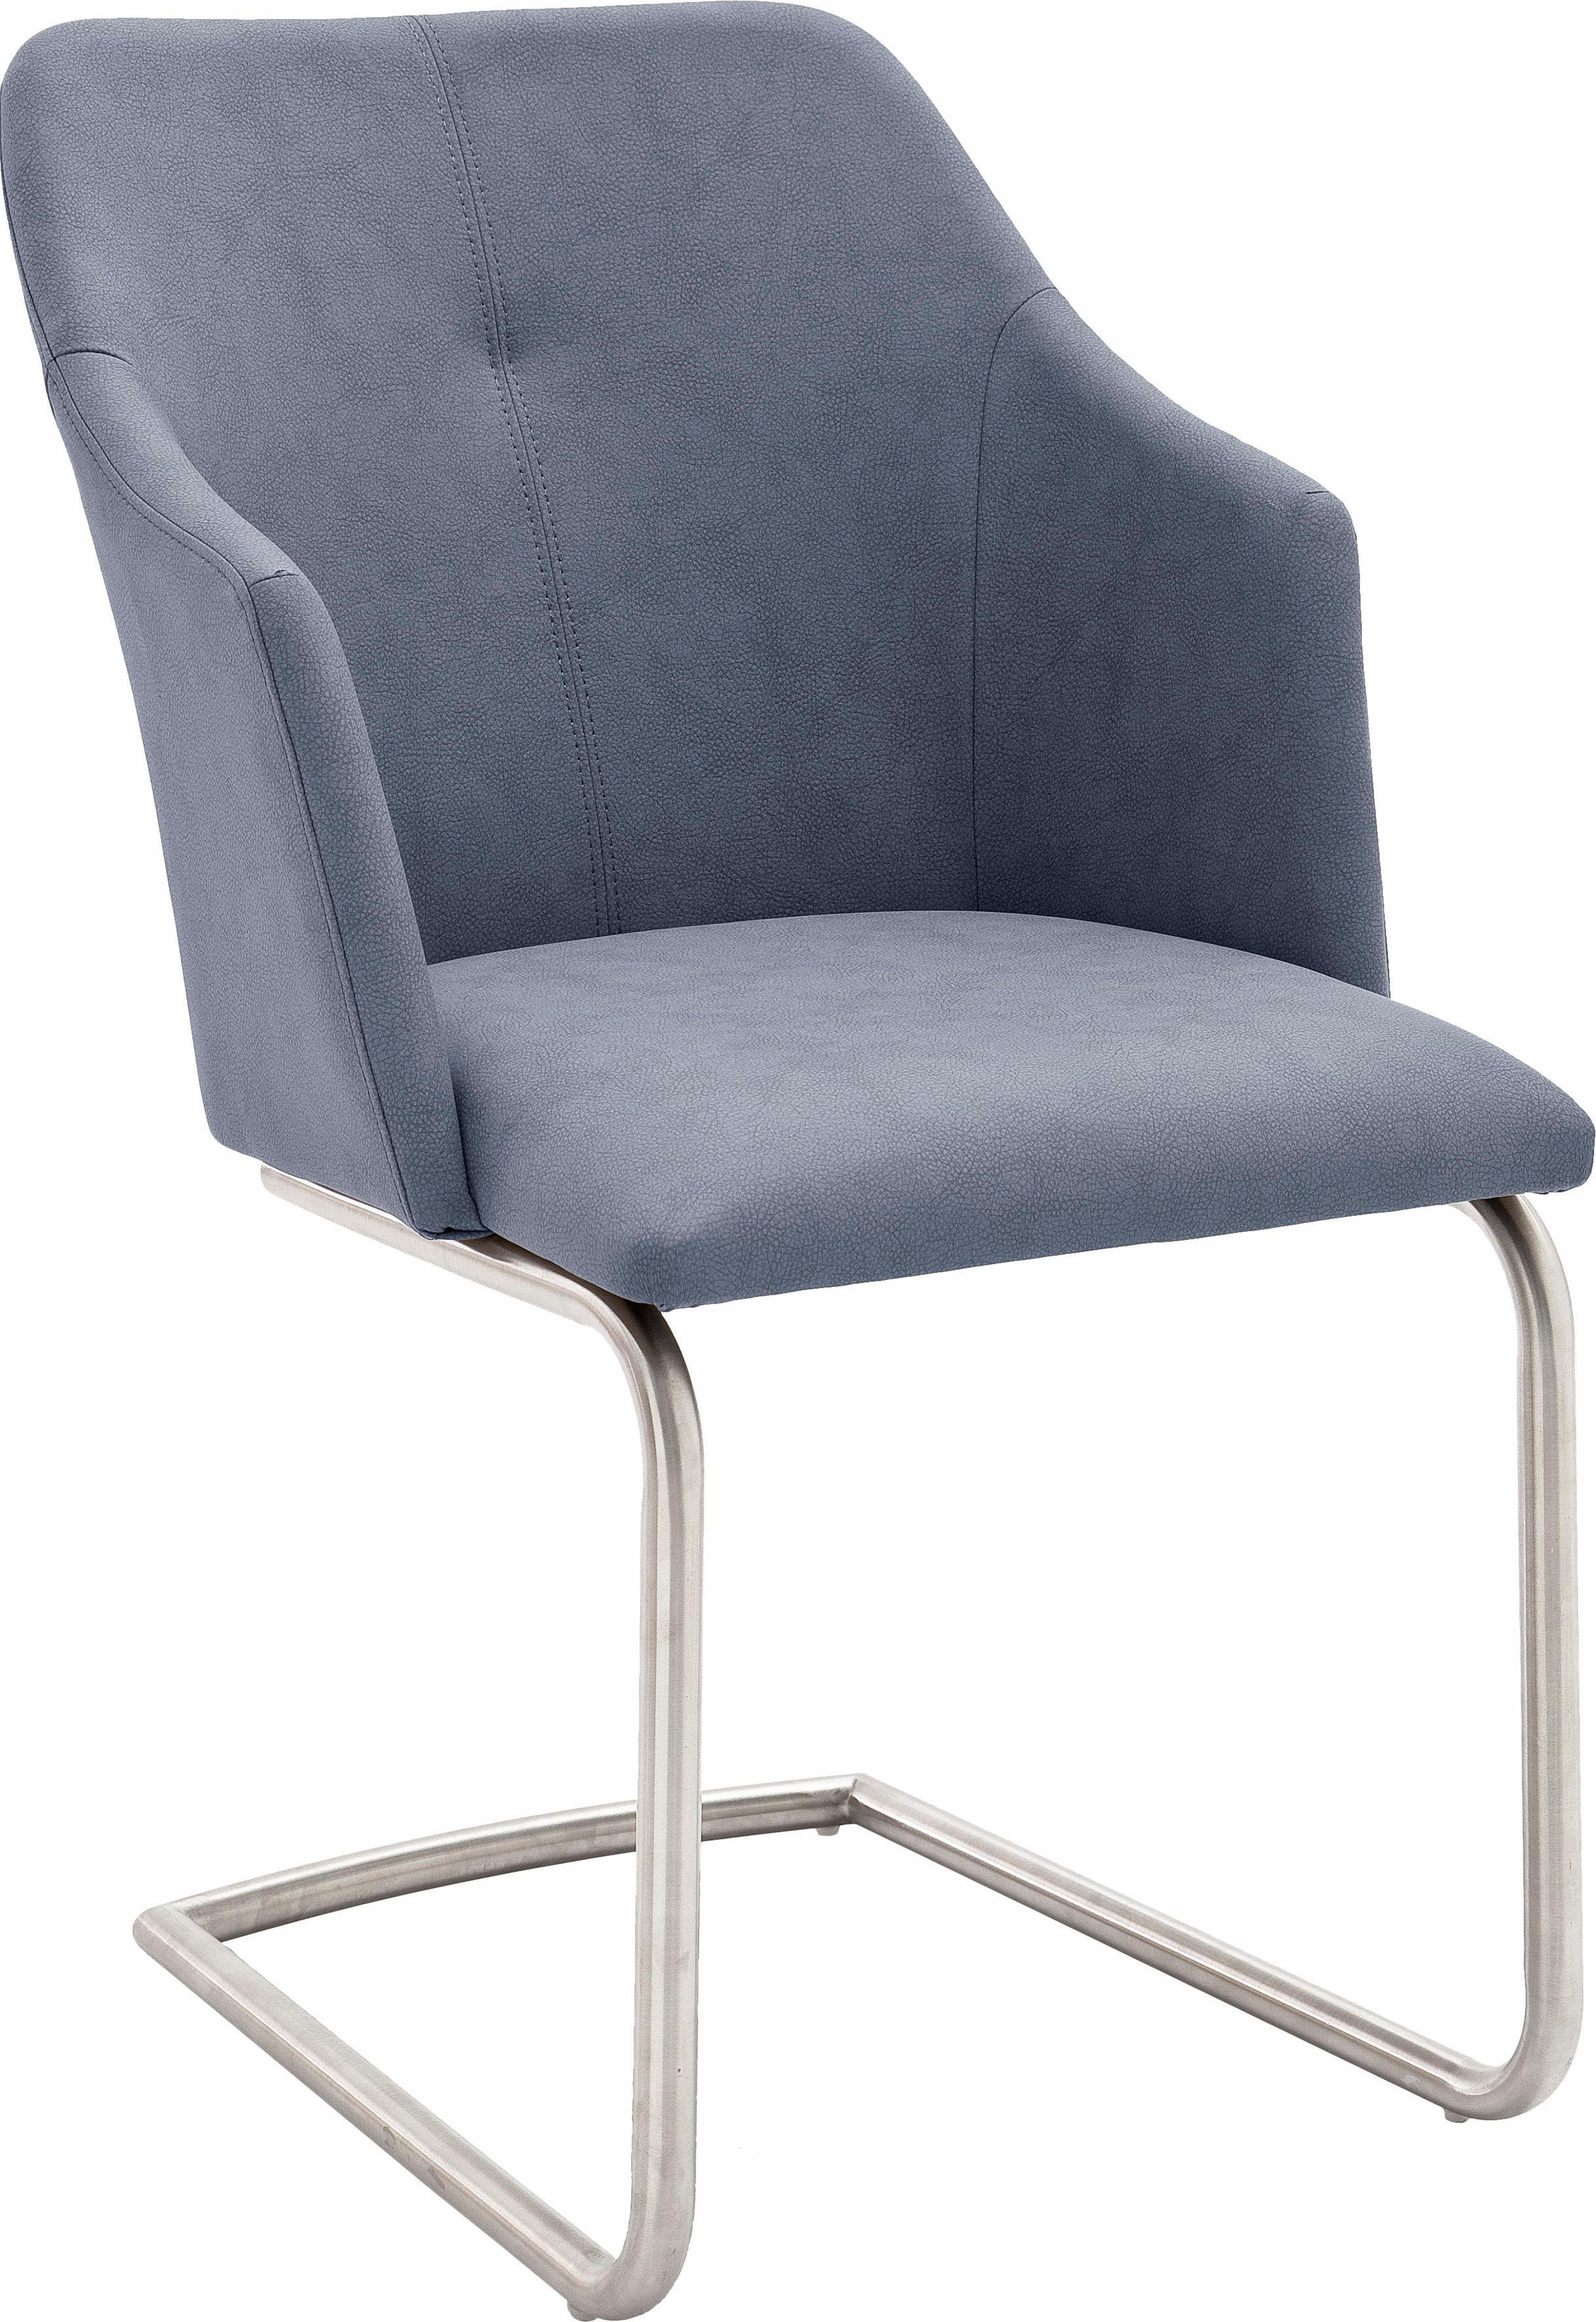 MCA furniture Esszimmerstuhl »Madita 4 Fuß Stuhl B eckig« 2er Set, Stuhl belastbar bis max. 140 kg online kaufen | OTTO